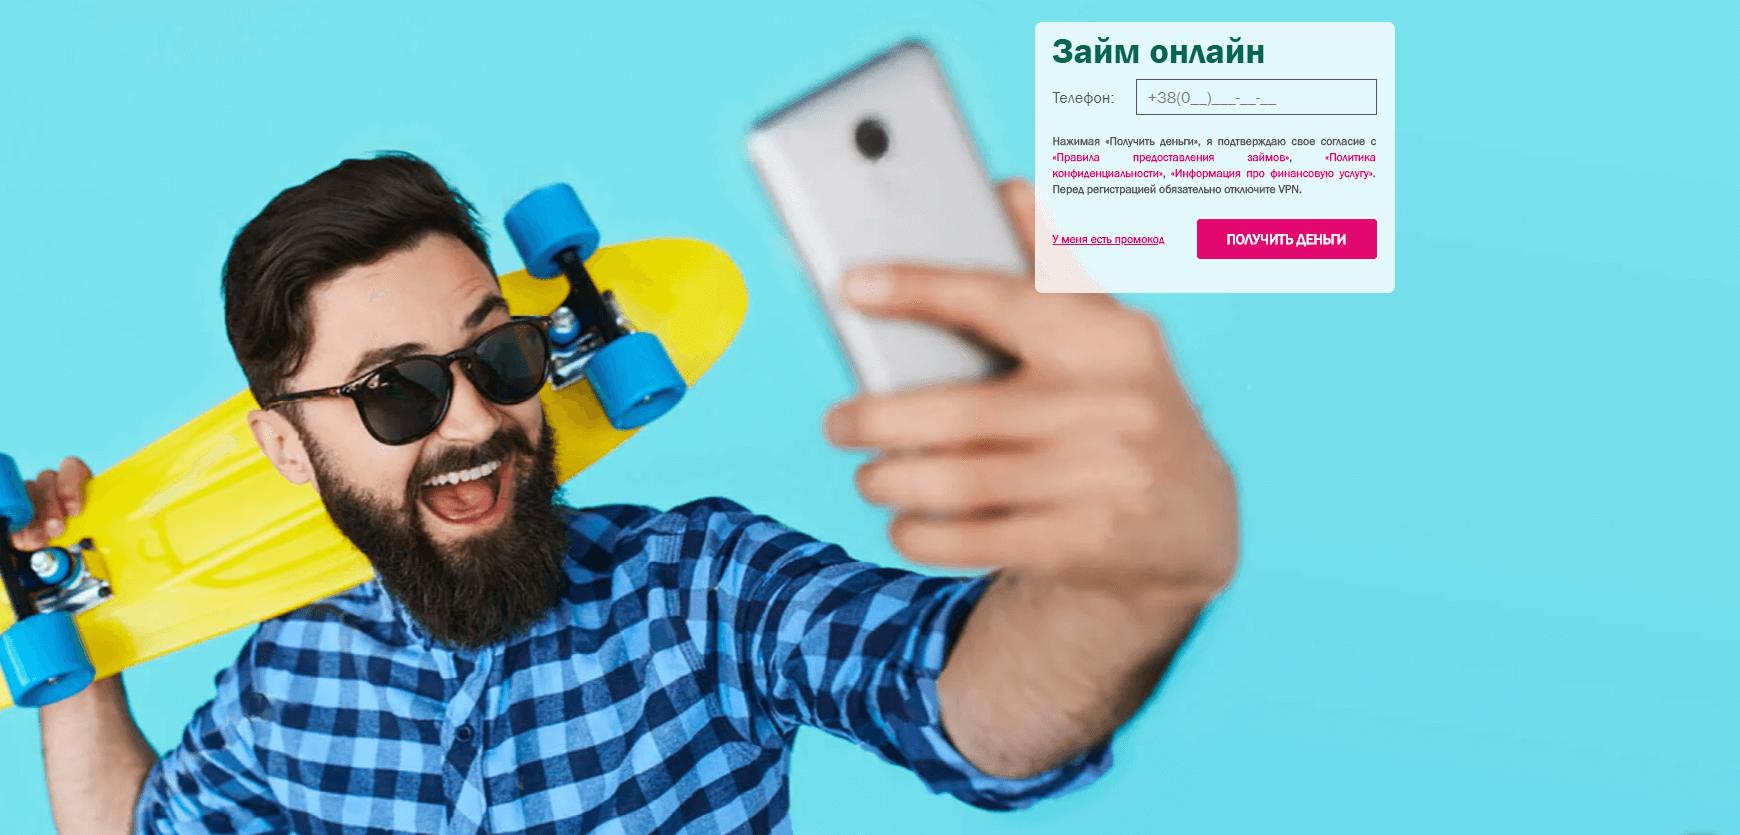 Groshivsim главная страница